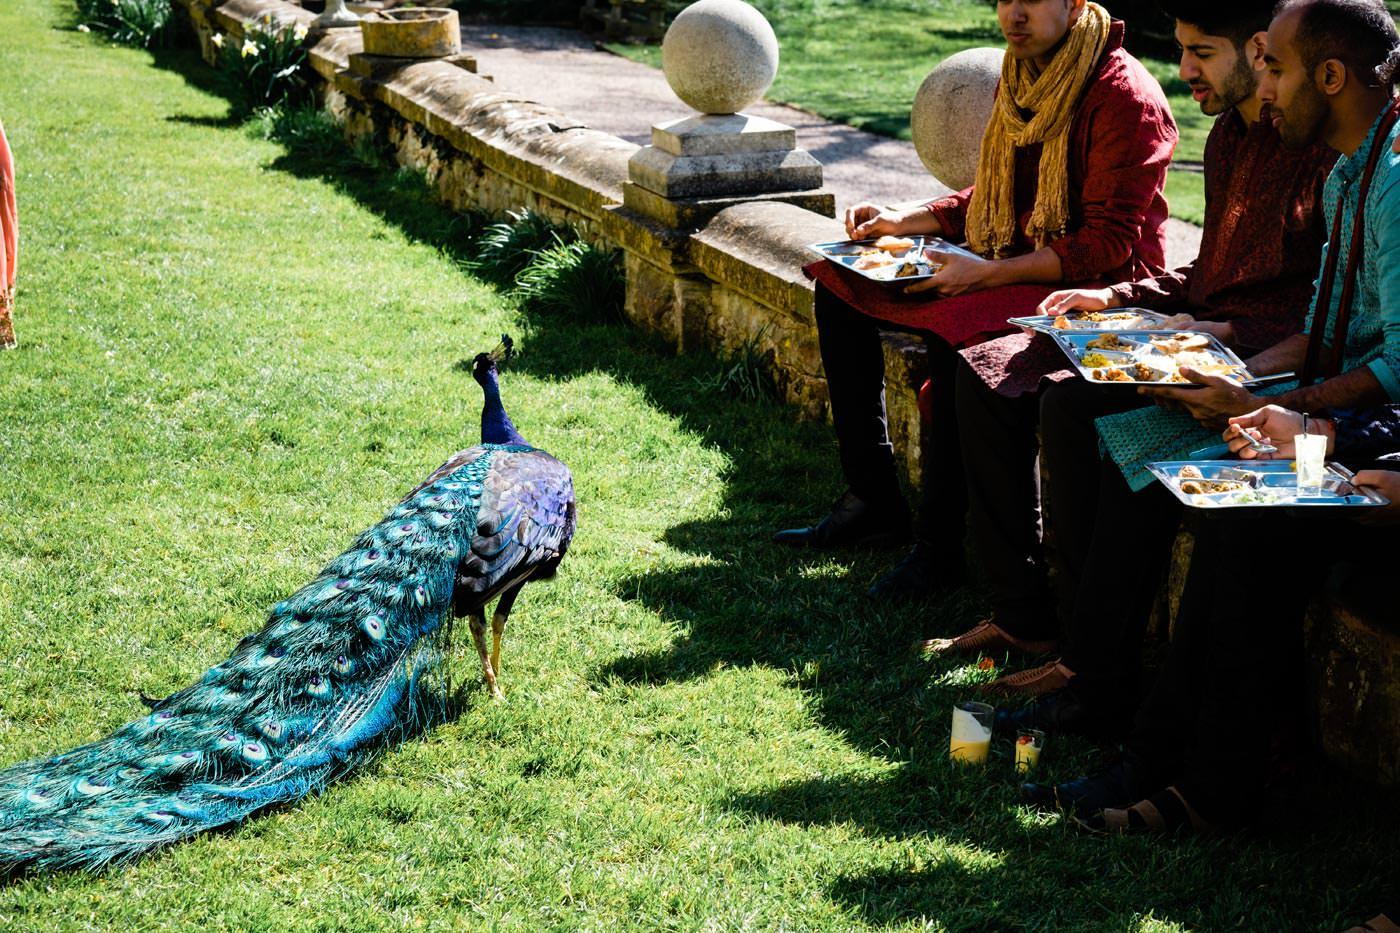 Ragley Hall peacock among the guests at a Hindu wedding reception